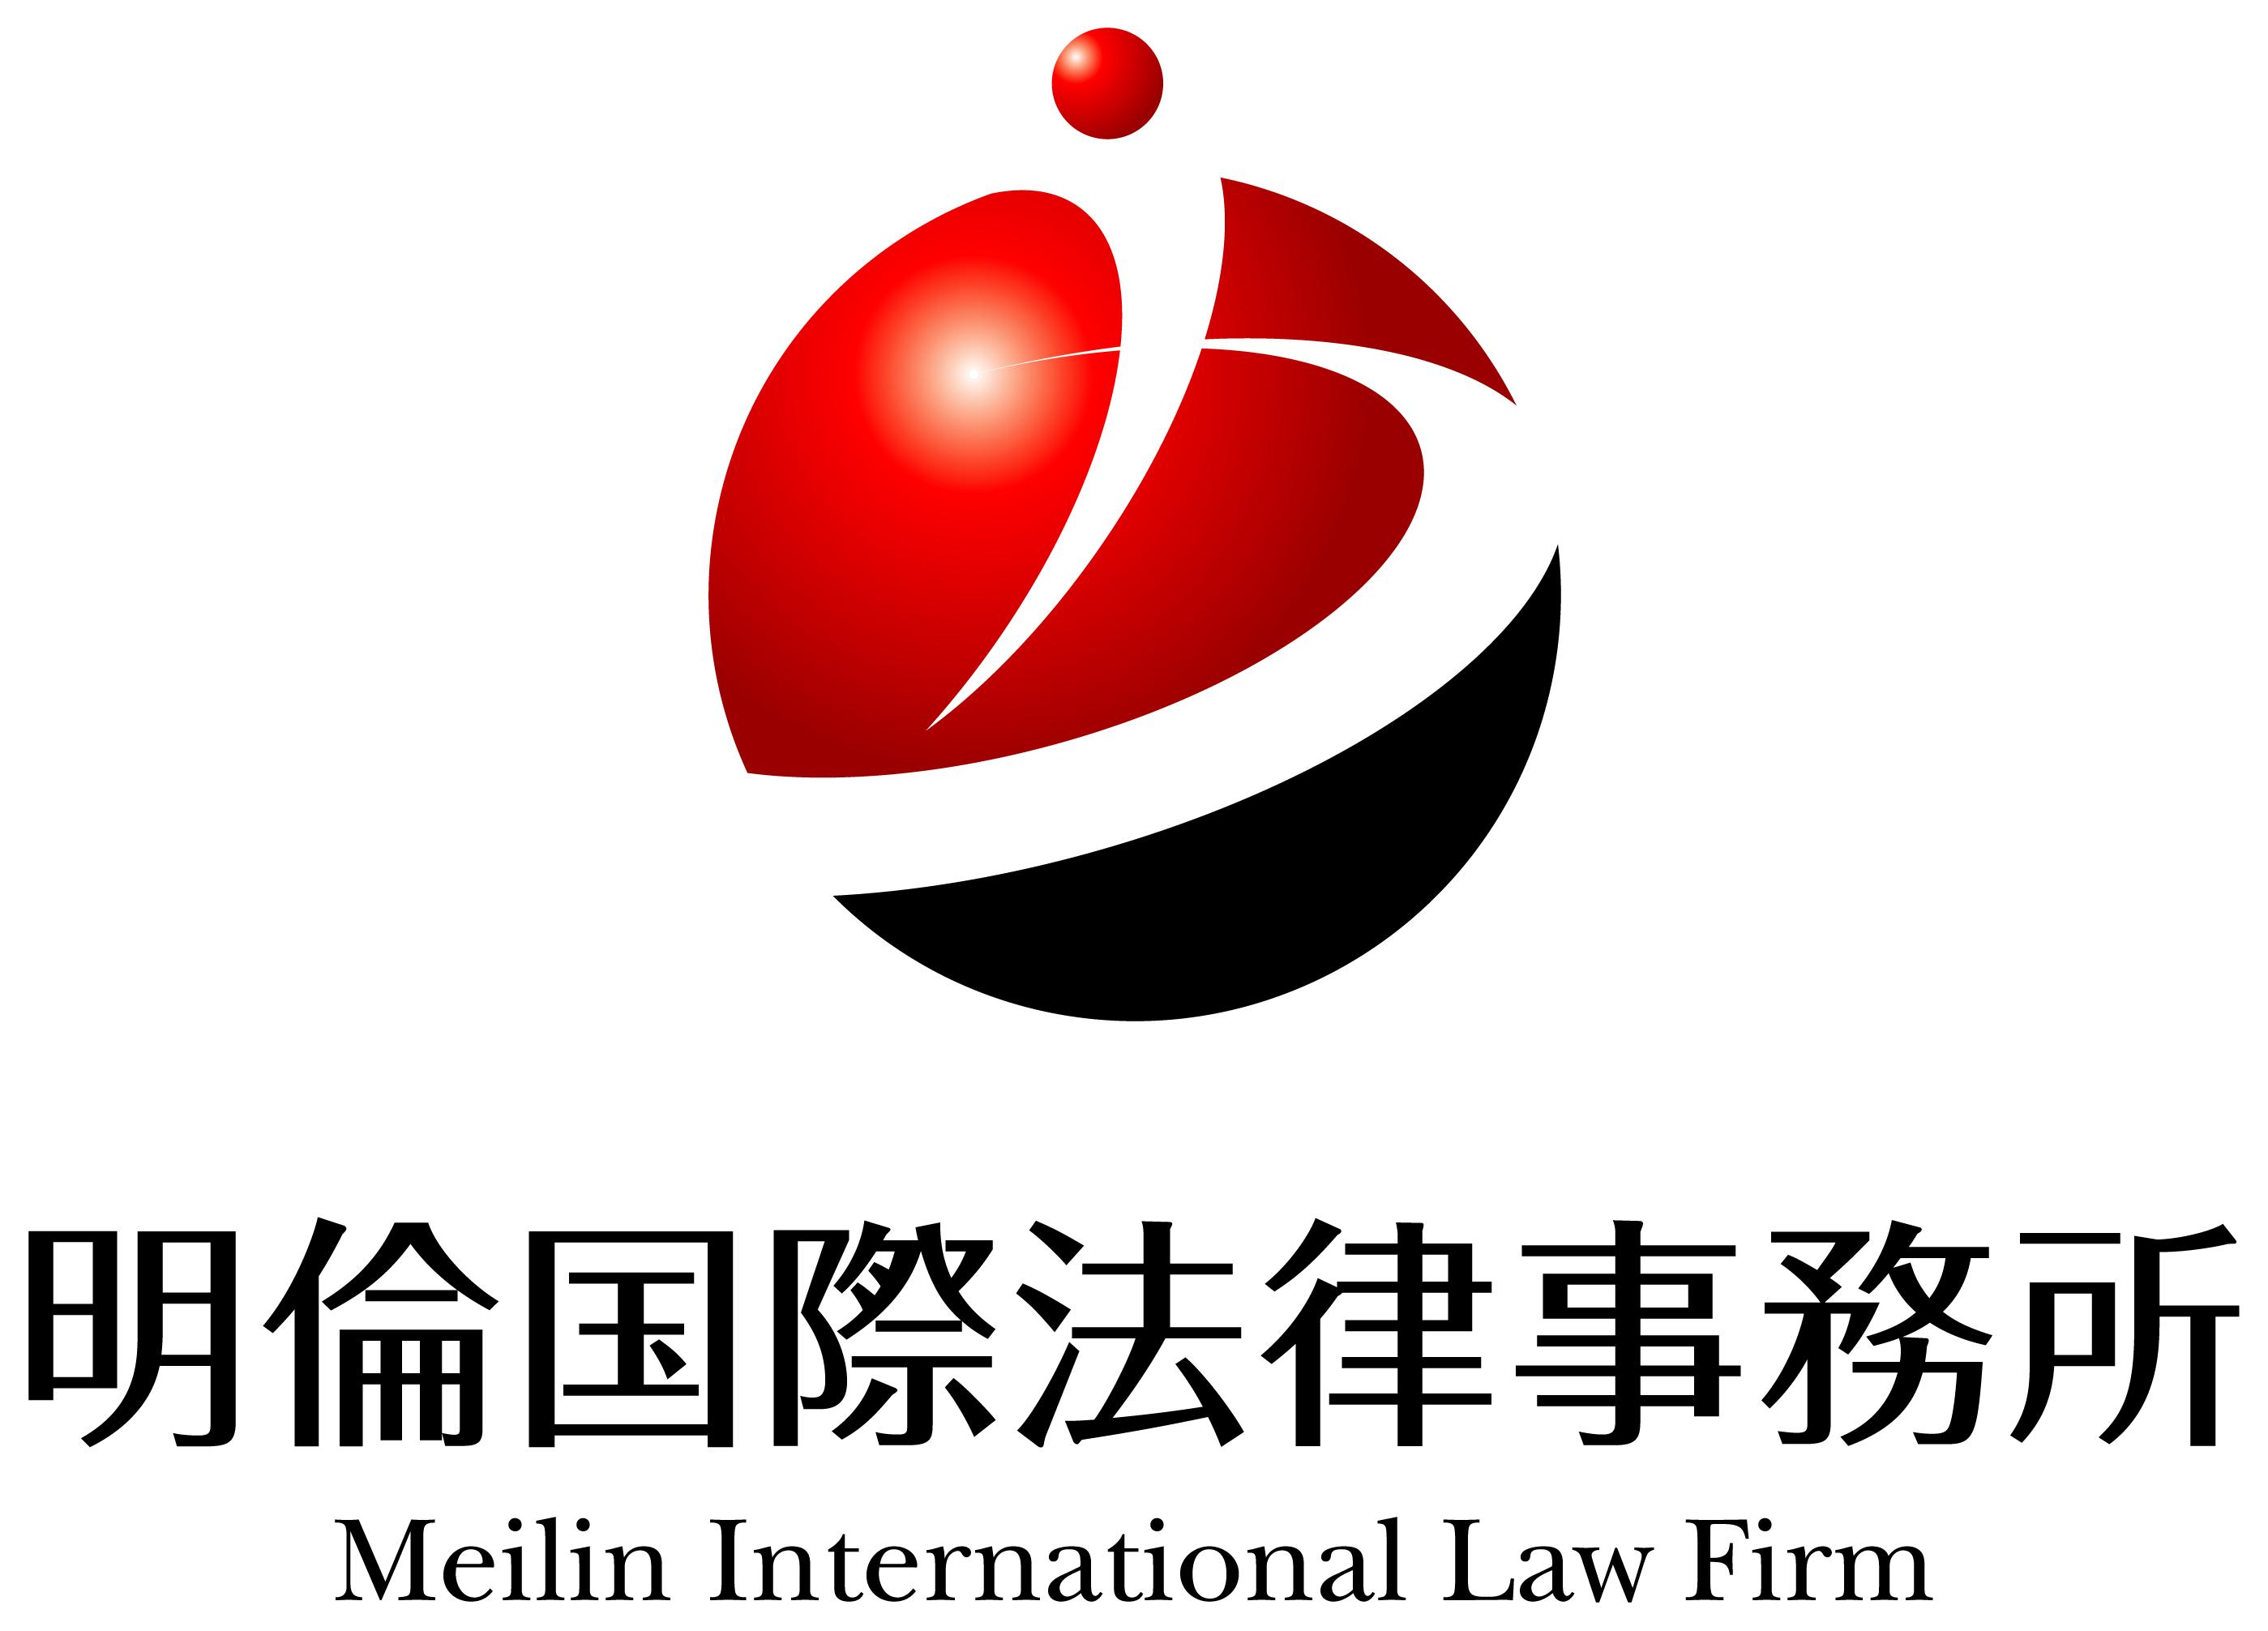 明倫国際法律事務所